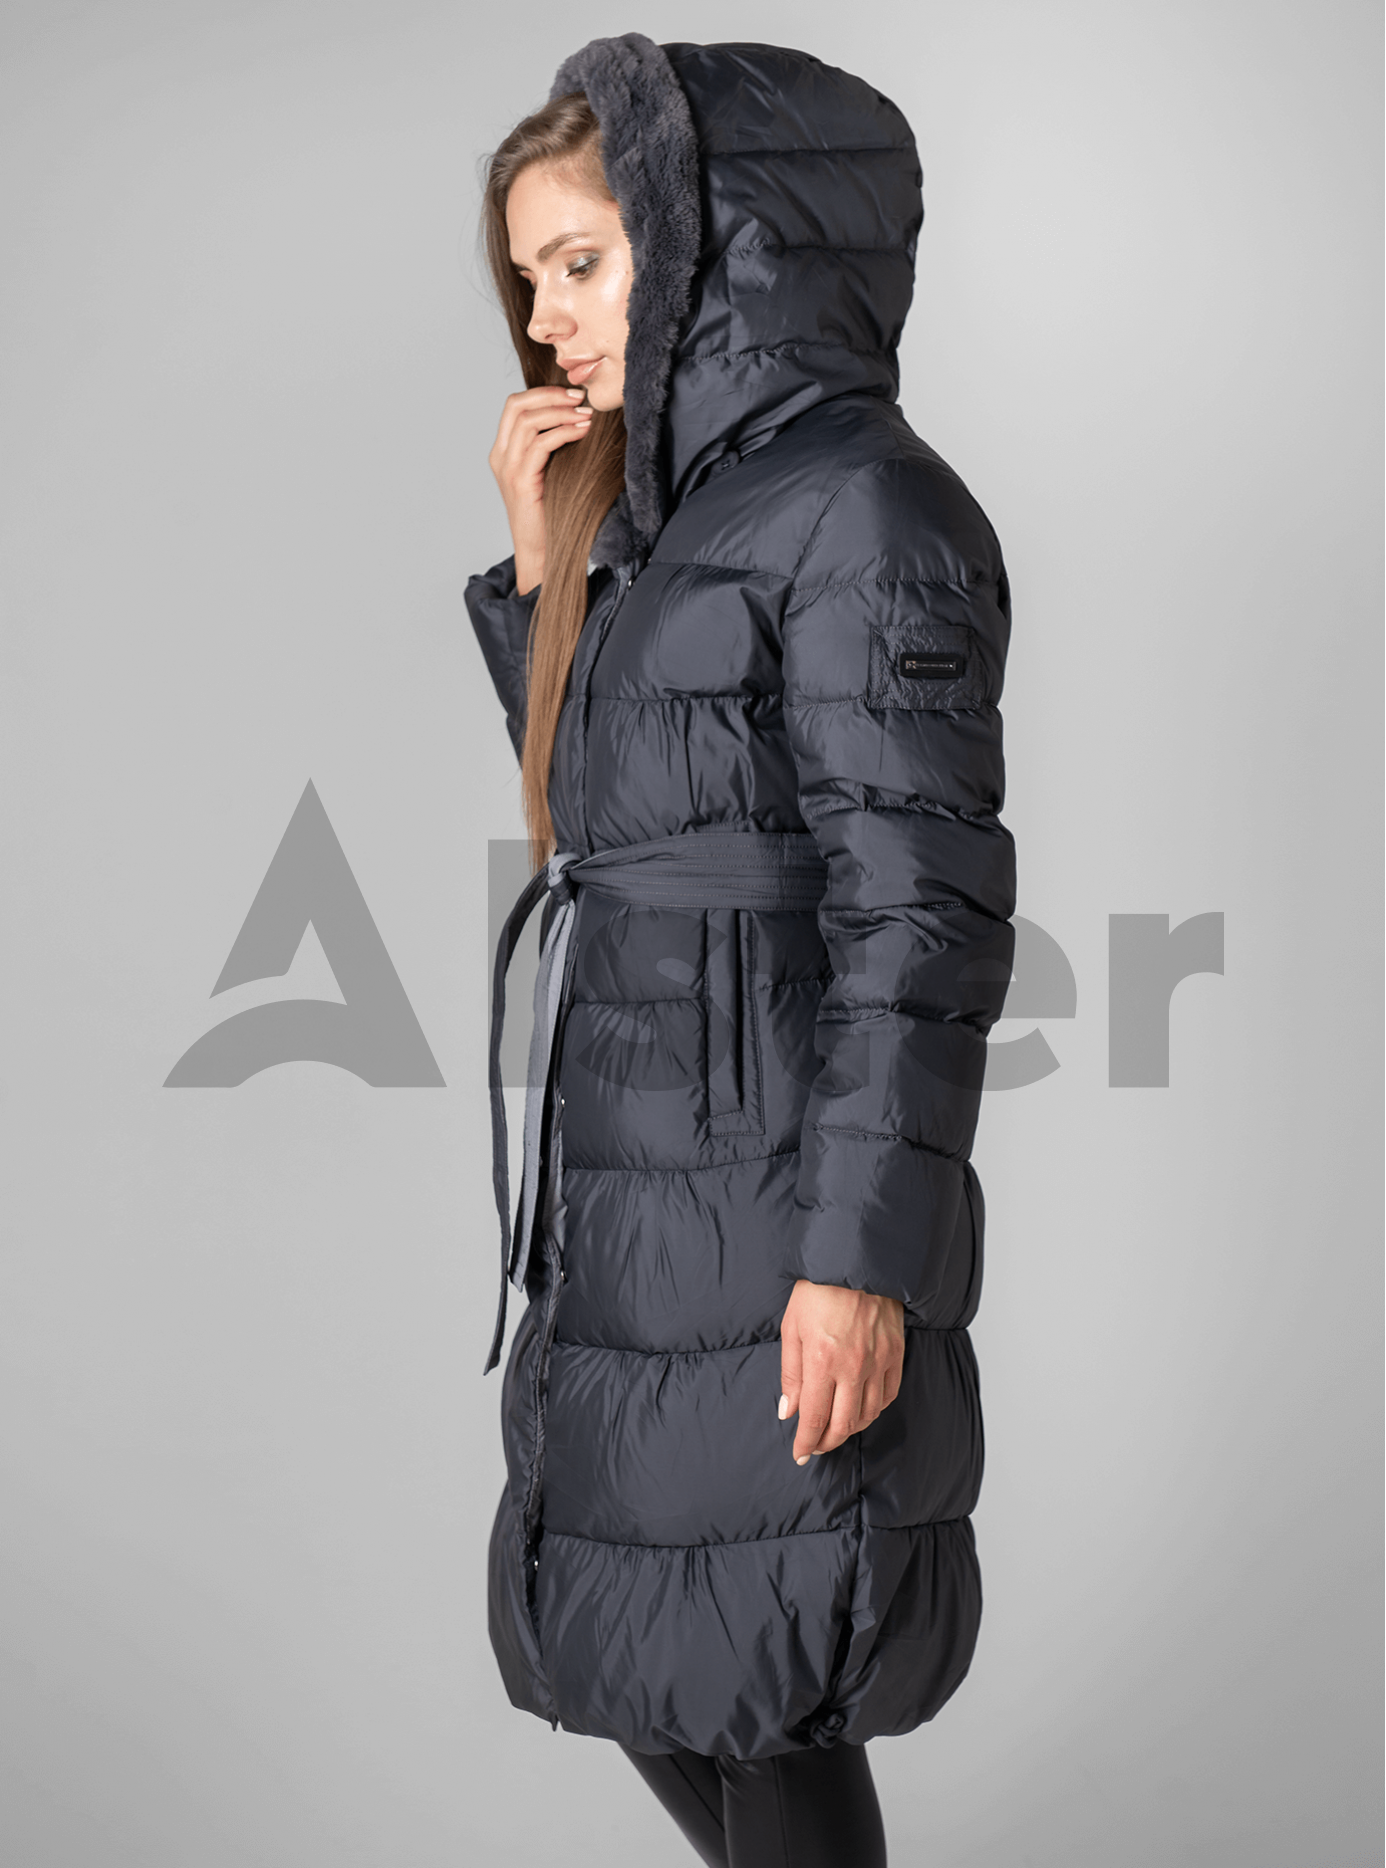 Куртка зимняя с мехом однотонная Графитовый XL (02-190135): фото - Alster.ua